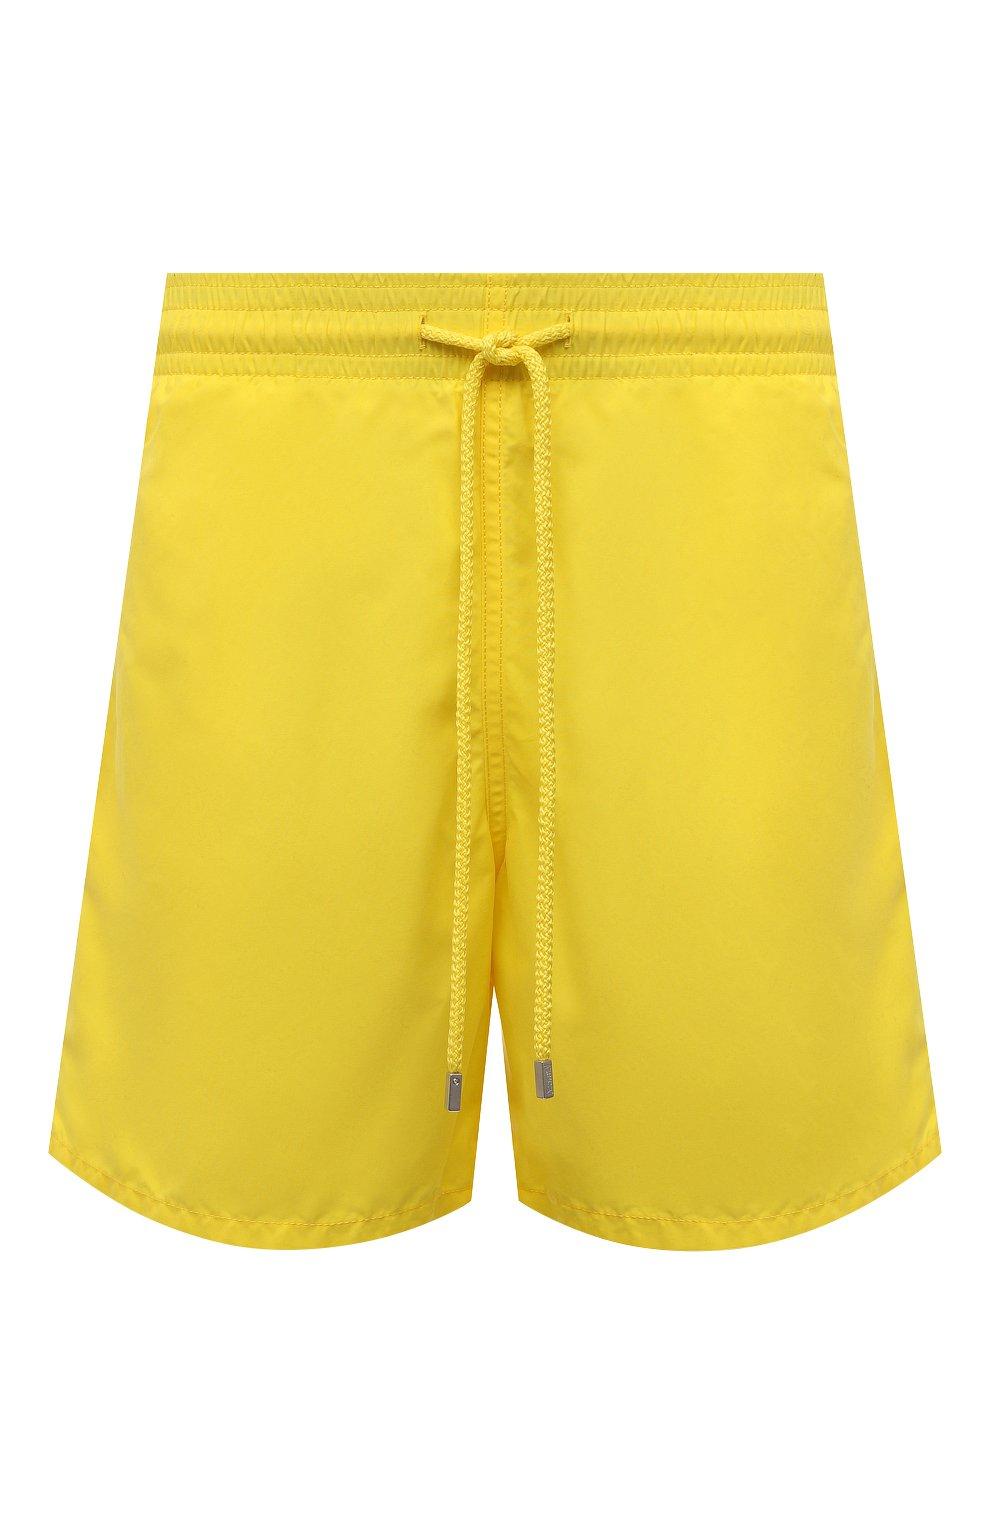 Мужские плавки-шорты VILEBREQUIN желтого цвета, арт. MOOC1A00/105 | Фото 1 (Принт: Без принта; Материал внешний: Синтетический материал; Мужское Кросс-КТ: плавки-шорты)